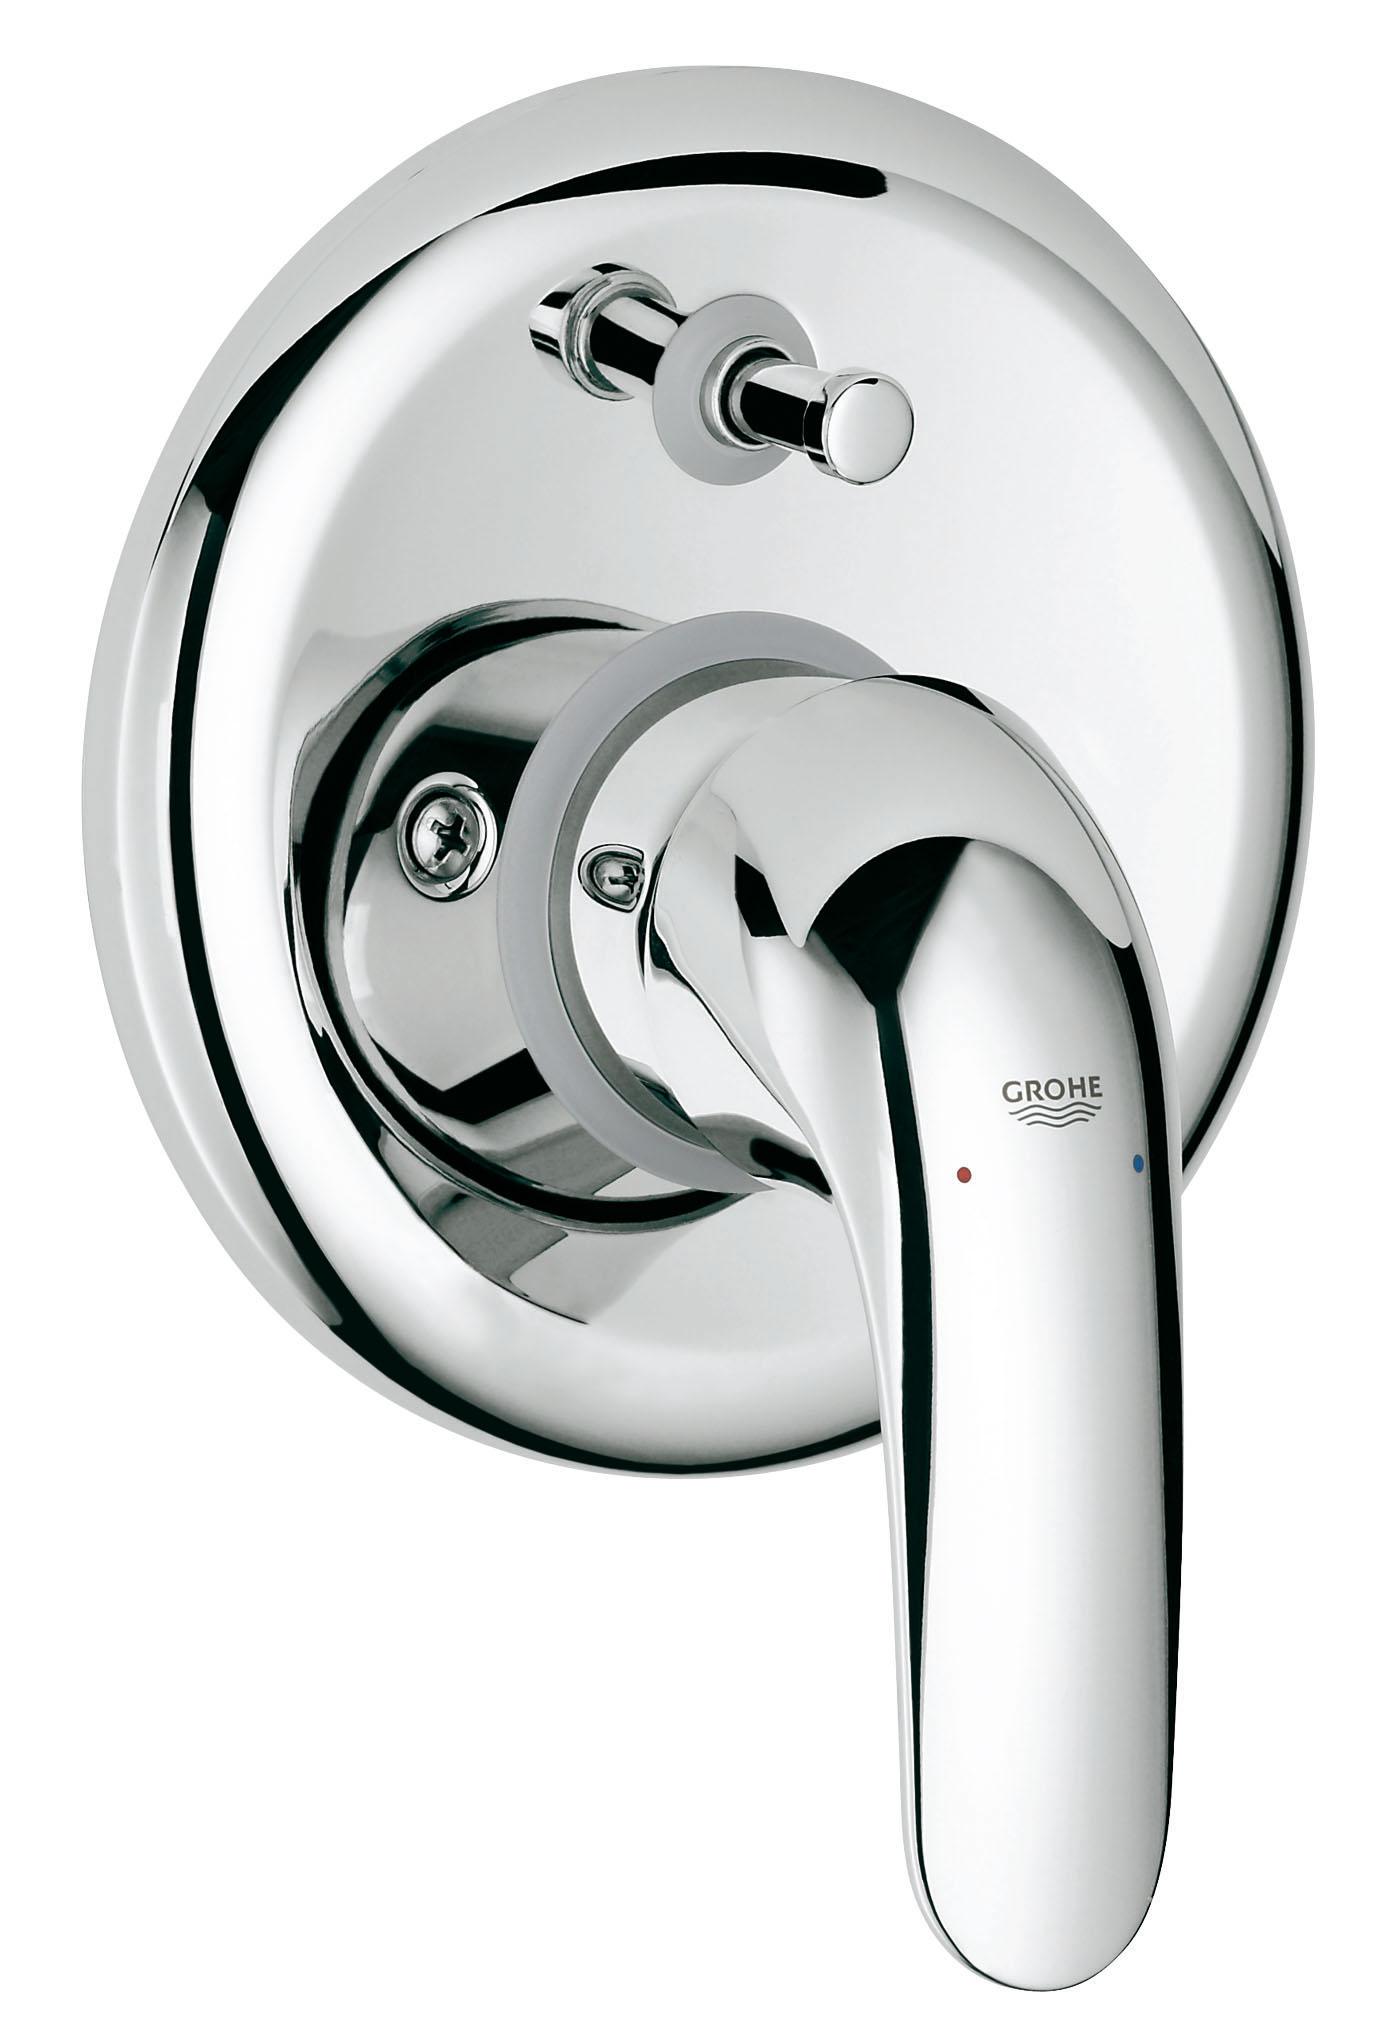 Смеситель встраиваемый для ванны GROHE Euroeco new (встр. механизм в комплекте) (32747000)68/5/3Скрытый монтажВключает в себя:Встраиваемый механизм (33 963)Комплект готового монтажа (19 379)GROHE SilkMove керамический картридж O 46 ммGROHE StarLight хромированная поверхность Автоматический переключатель: ванна/душМеталлический рычагУплотнитель розетки и рычагаОтражатели из металлаВинтовое креплениеДополнительный ограничитель температуры (46 308 000)